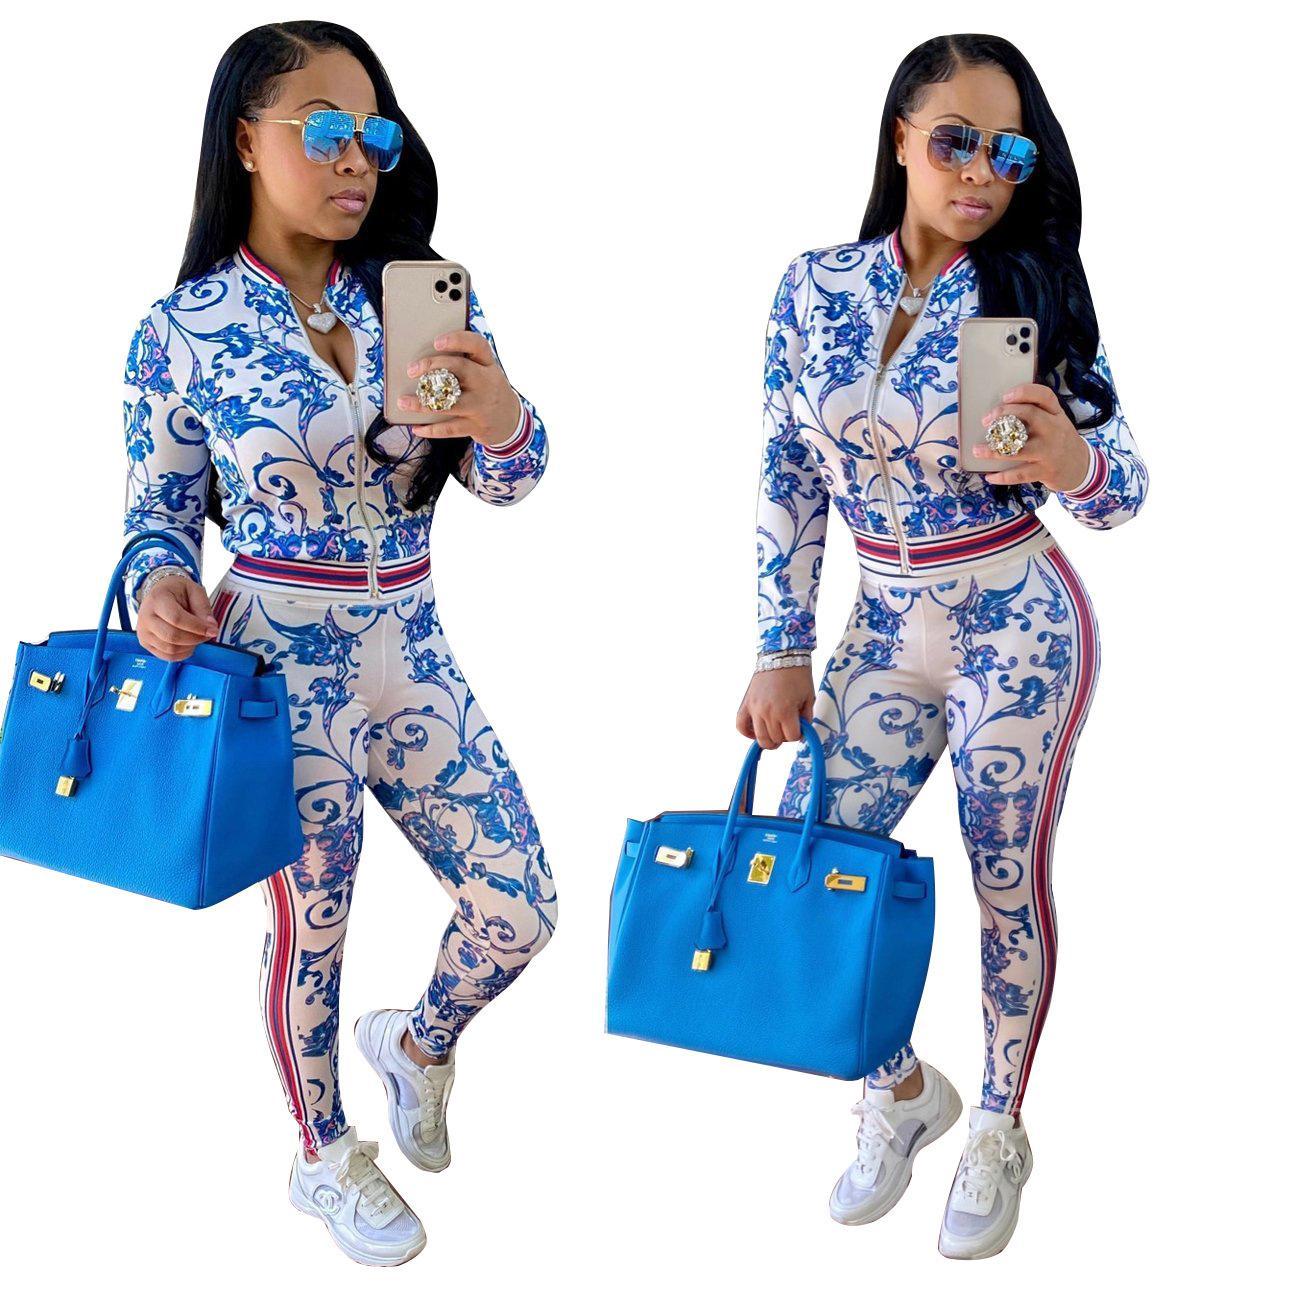 Fashion Women's Costume avec vente chaude Digital Mode Impression beauté Beauté Hot Style Deux Pieces Tracksuit Femmes Tenue de printemps Vêtements pour femmes